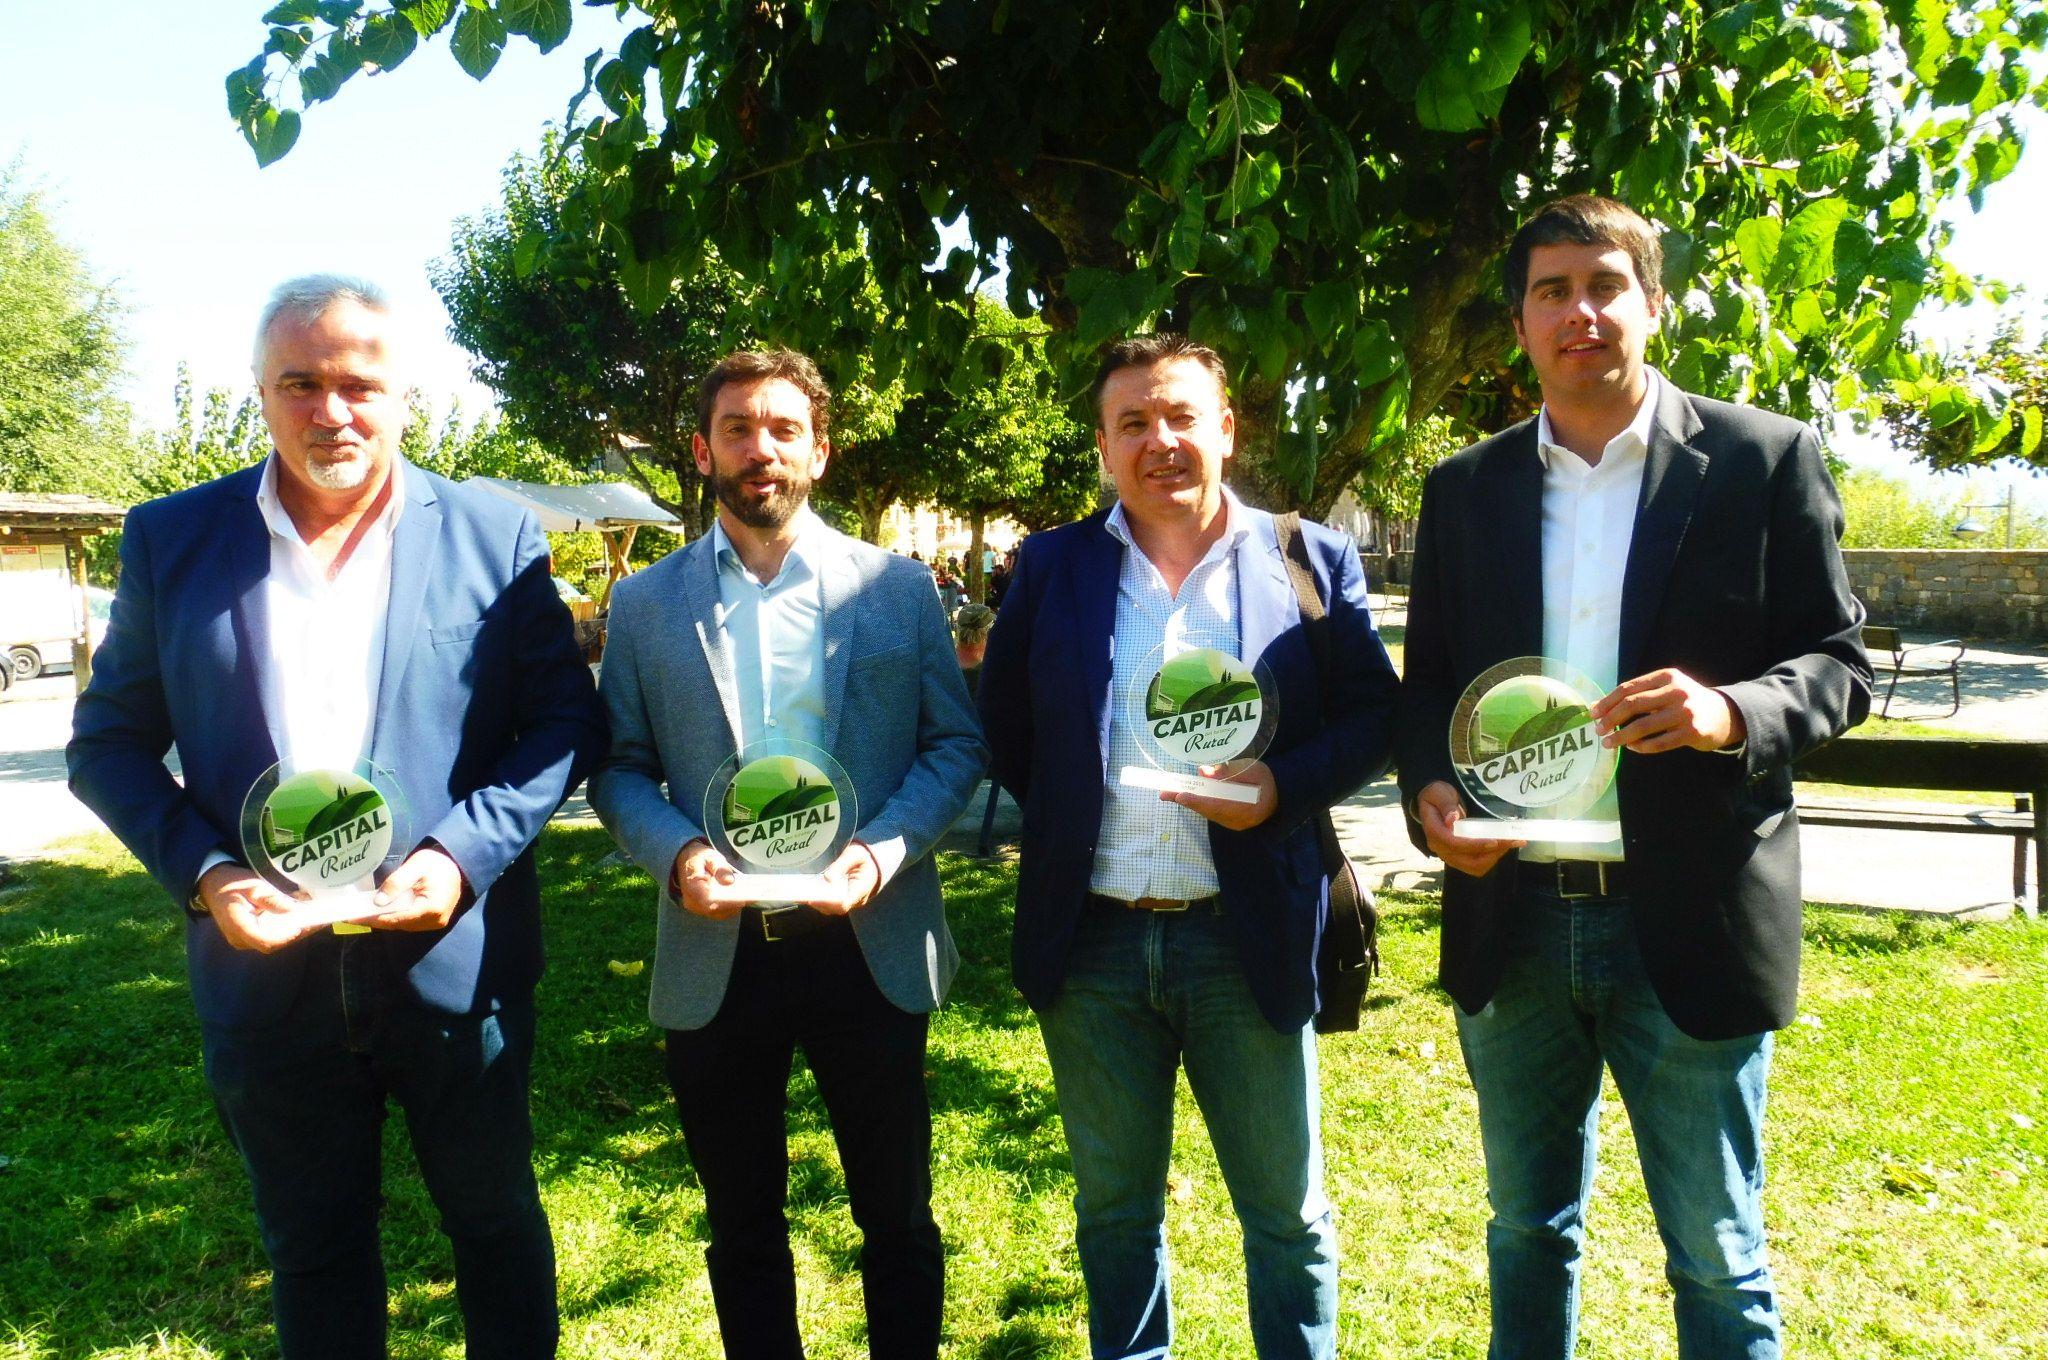 De izquierda a derecha: Jesús Amo, Enrique Pueyo, Lope Ruíz y Rhamsés Ripollés. Foto: SobrarbeDigital